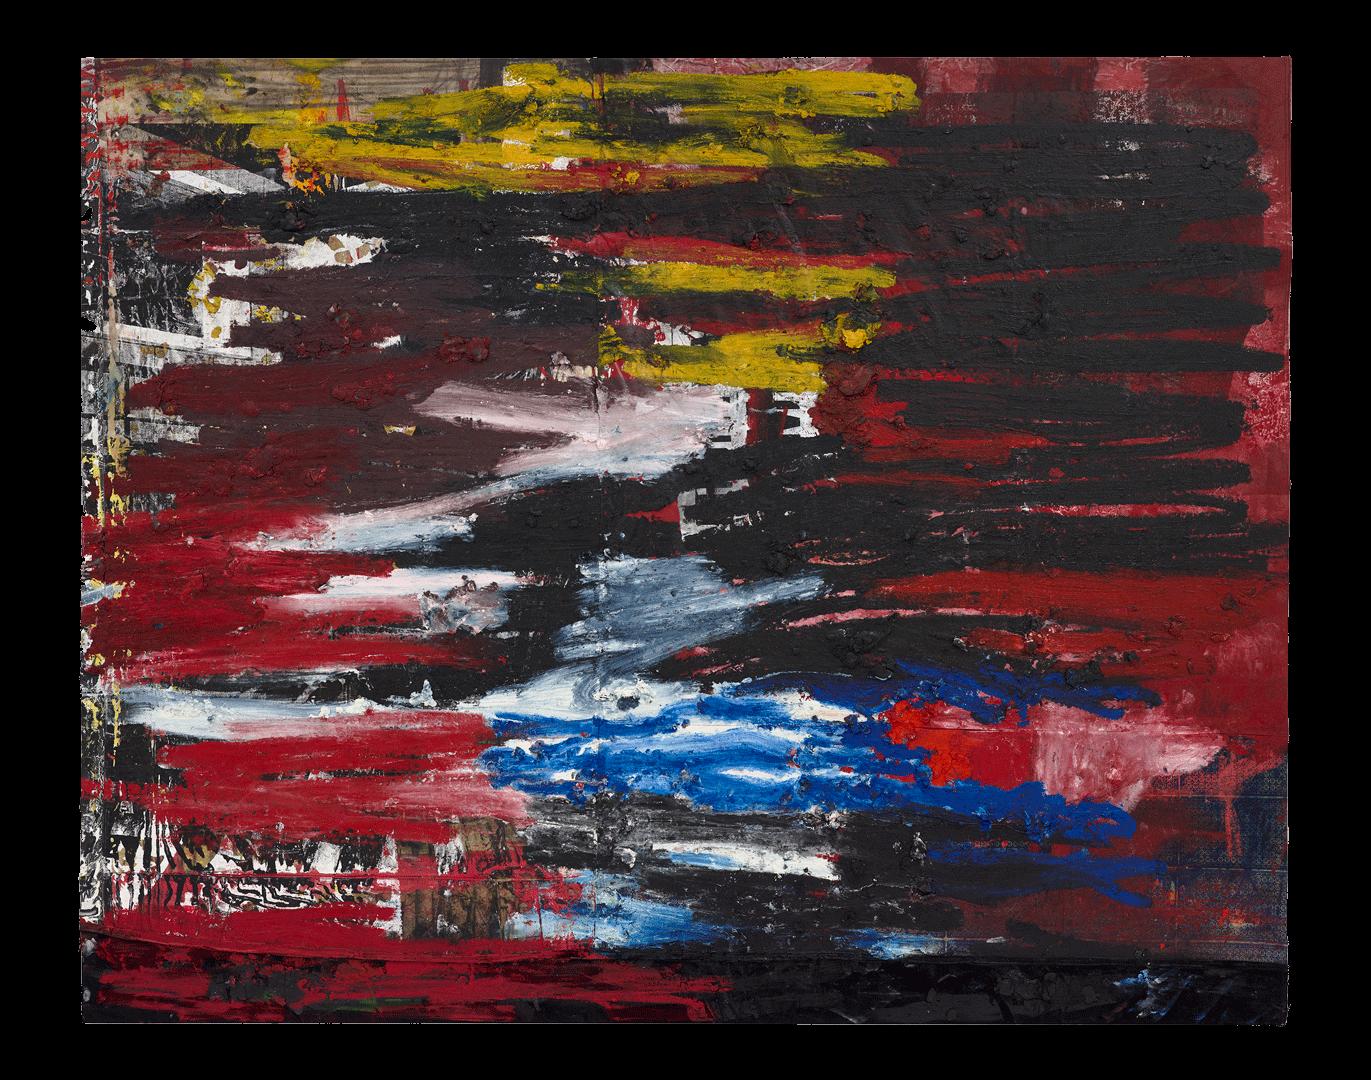 Oscar Murillo (sin título) news, 2017-2018 óleo y lápices de óleo sobre lienzo y lino. 200 x 250 cm.